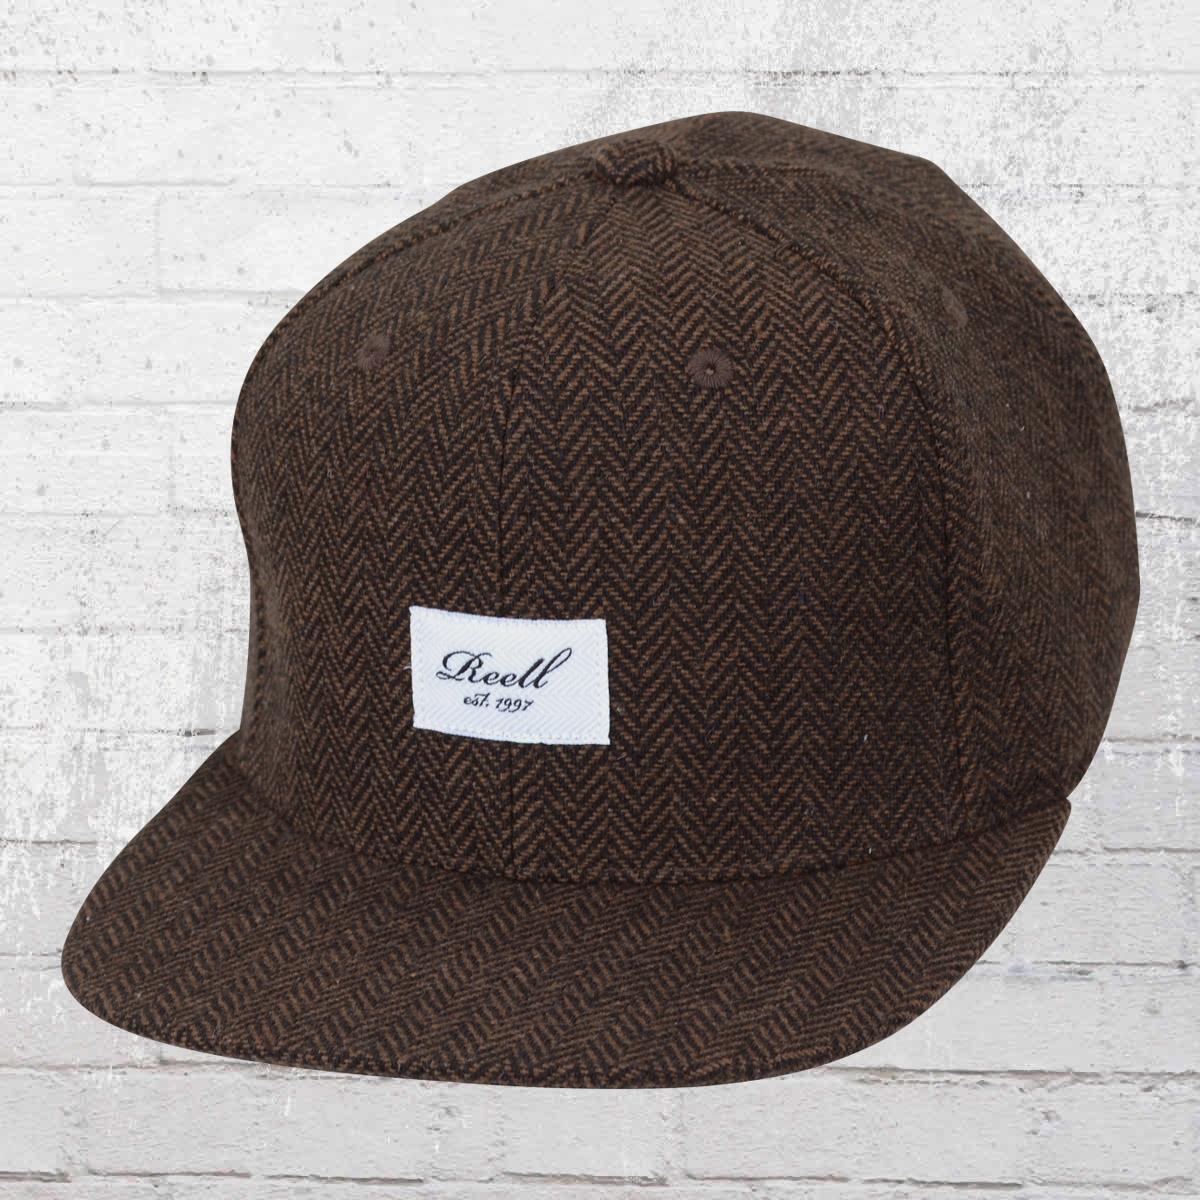 d1b28594 Order now | Reell Snapback Cap Tweed 6 Panel Hat herringbone brown